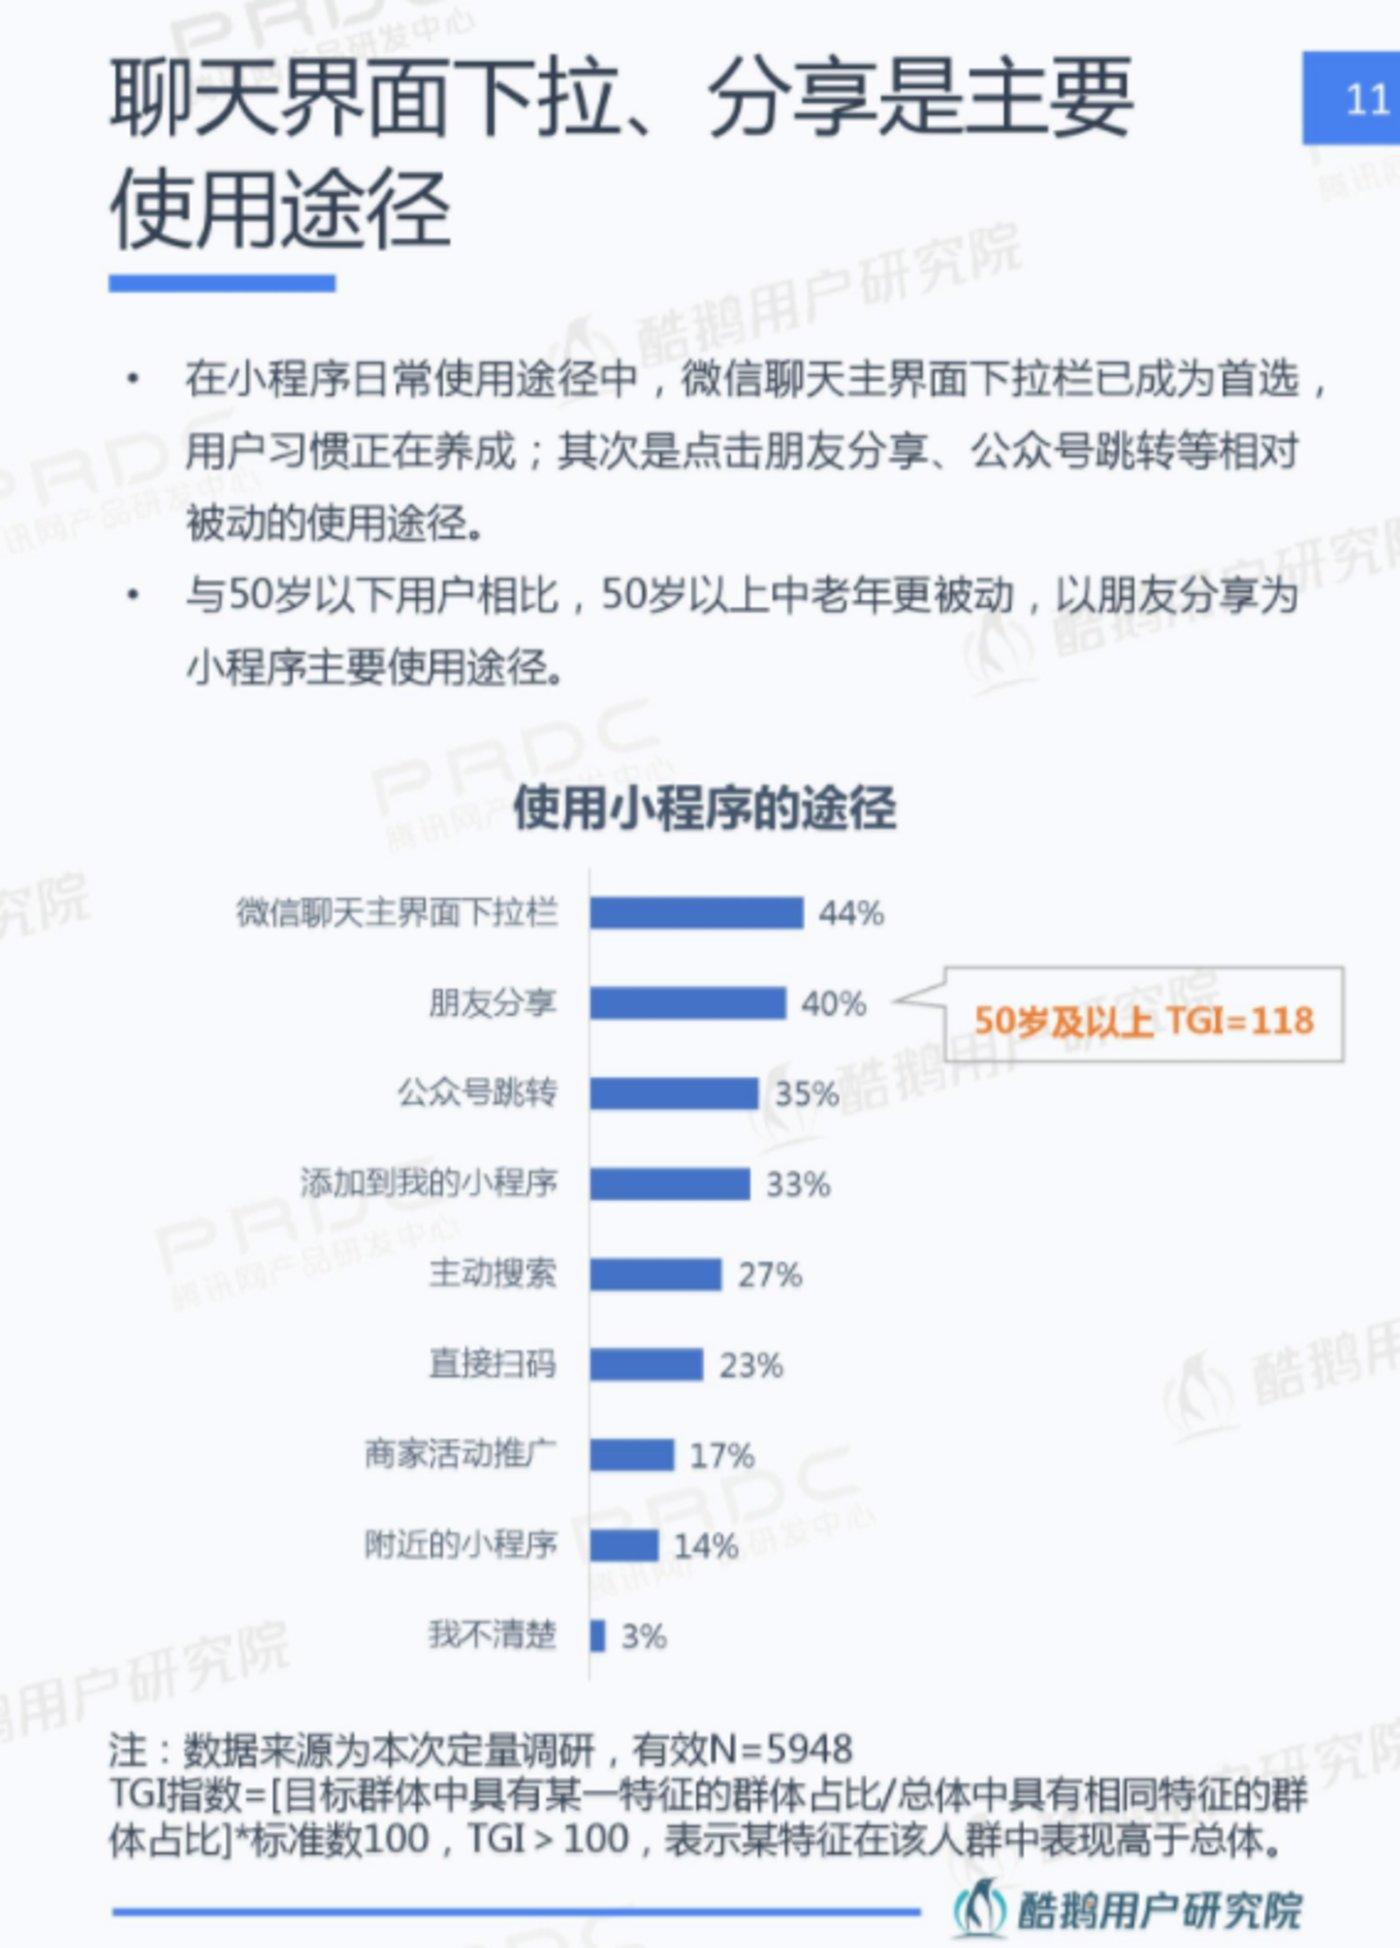 (数据来源:《2019年微信小程序用户行为研究报告》)